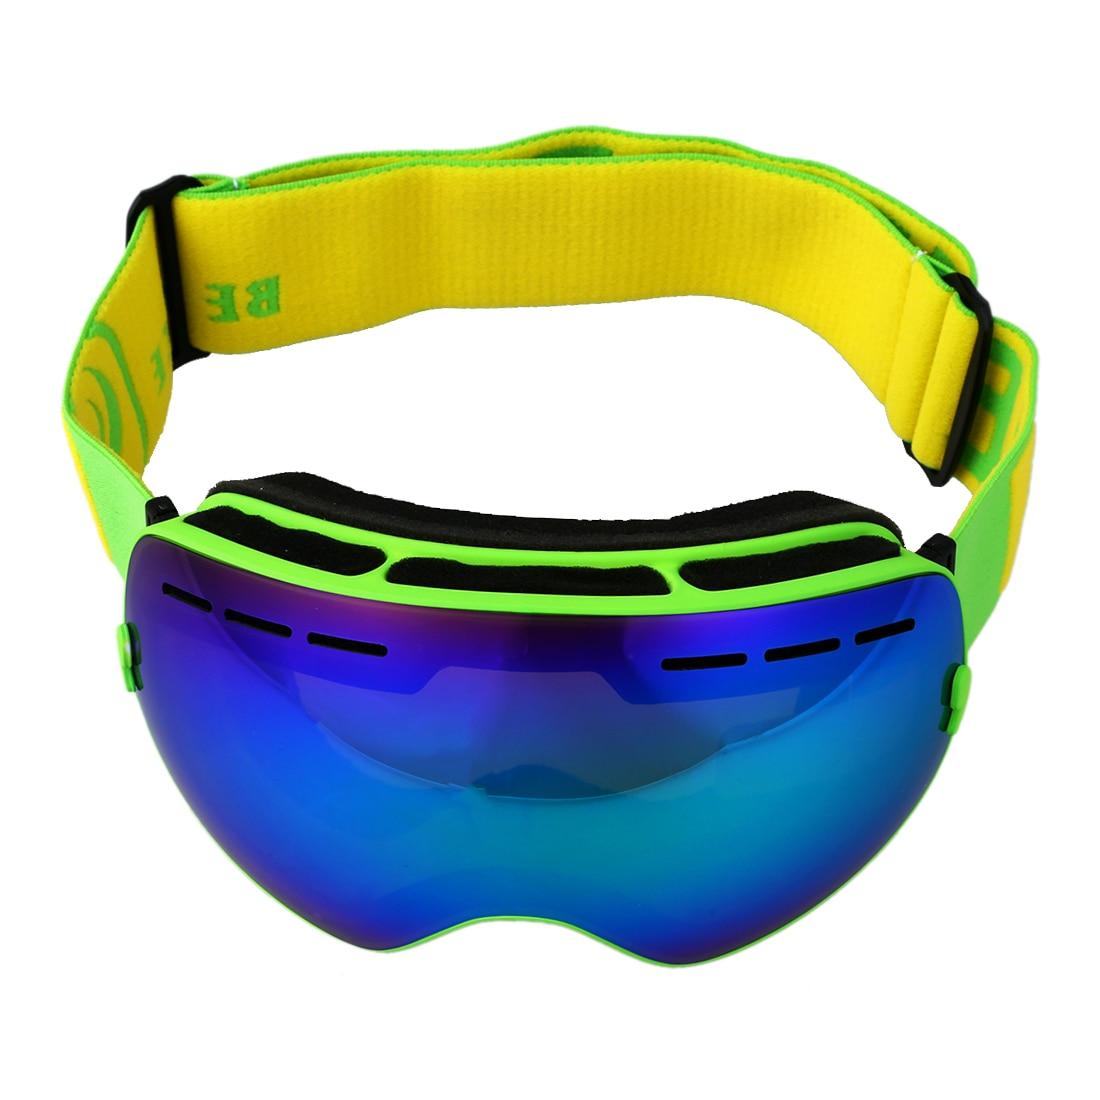 Лыжные очки двойной слой анти-туман Глаза зеленая рамка